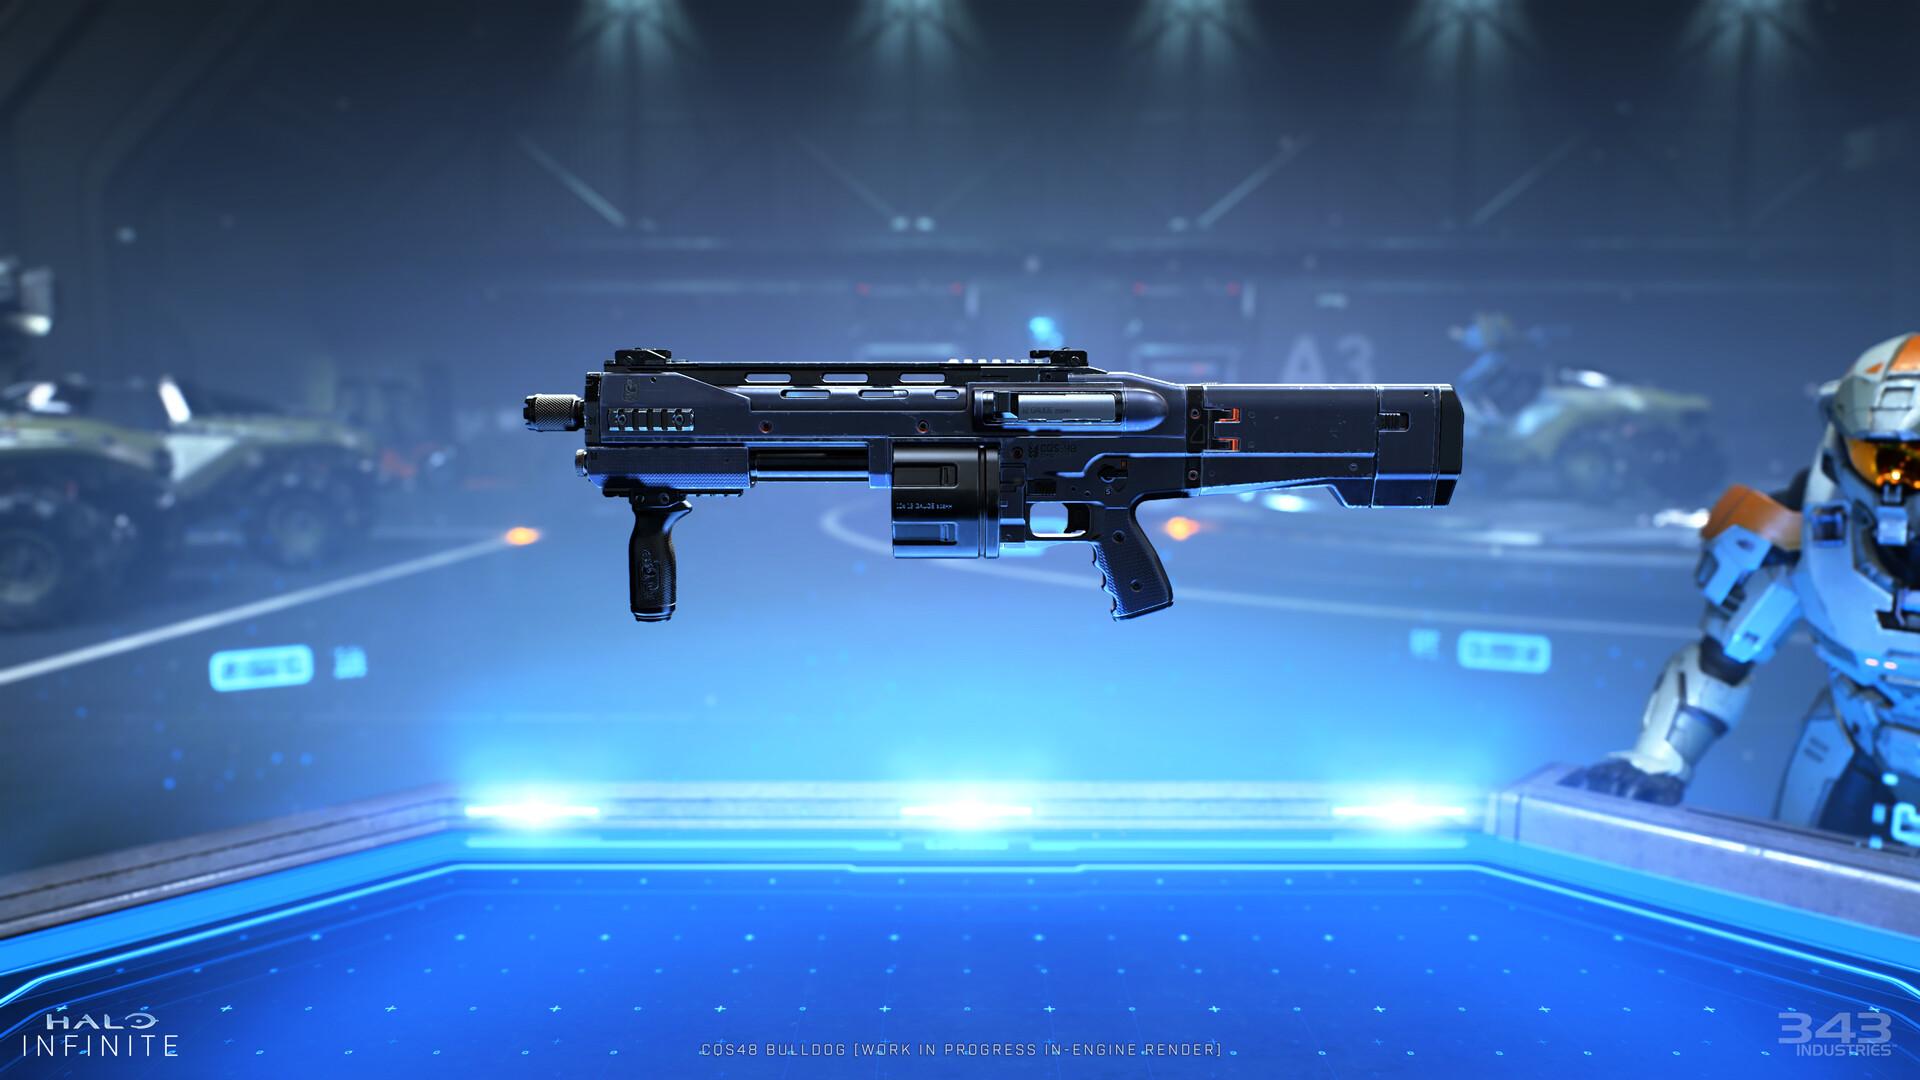 Стал известен полный список оружия Halo Infinite